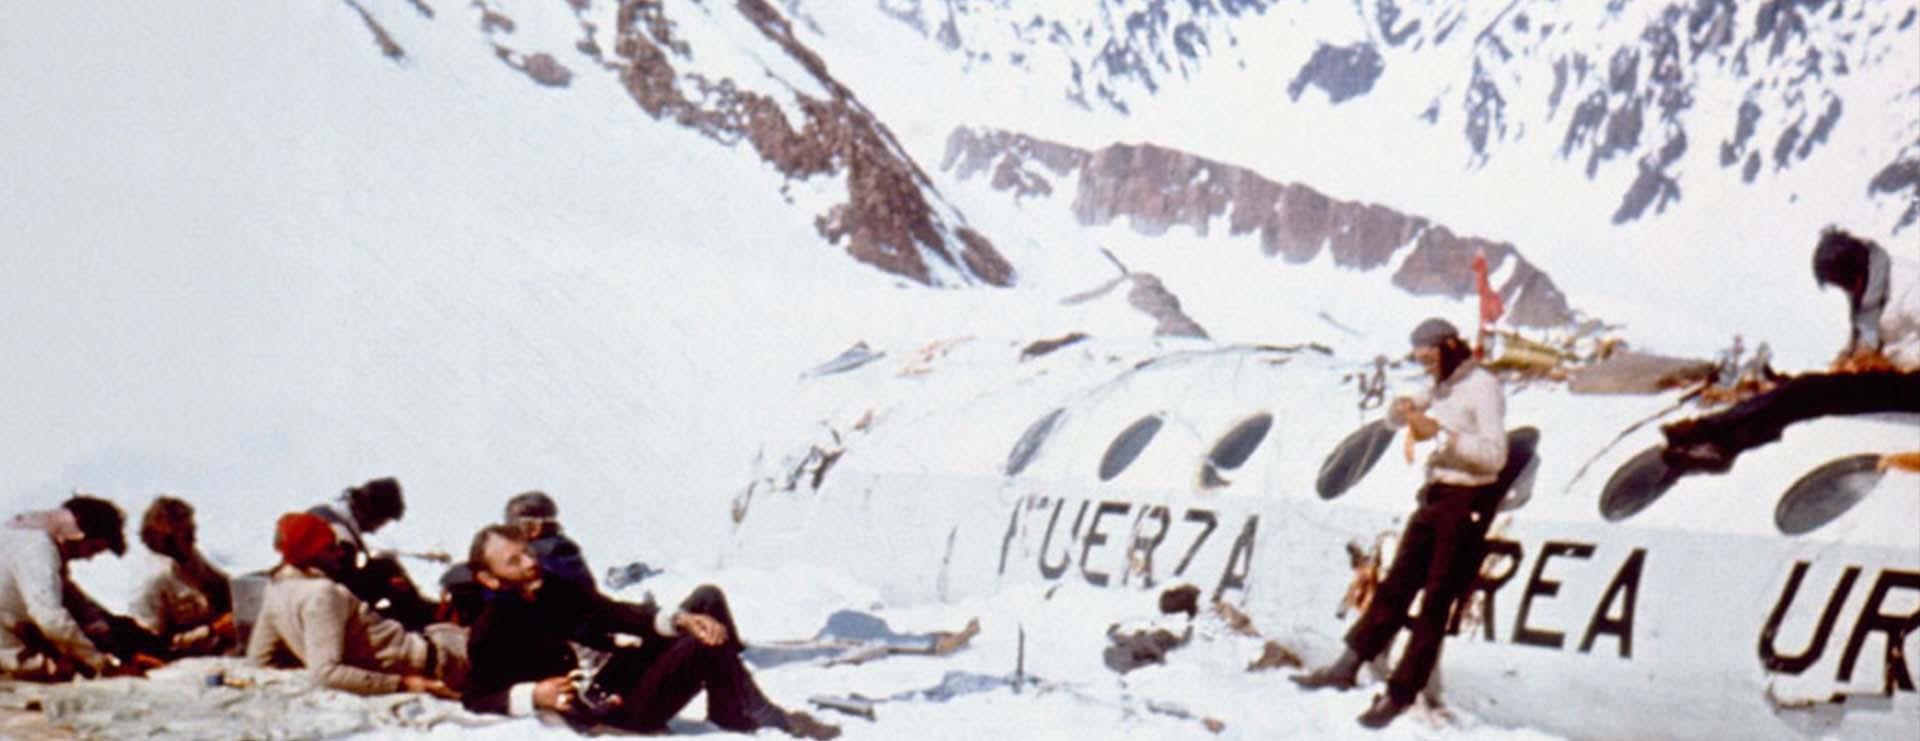 La película basada en el libro ¡Viven! recrea la historia de los sobrevivientes, donde Parrado era uno de los líderes naturales del grupo